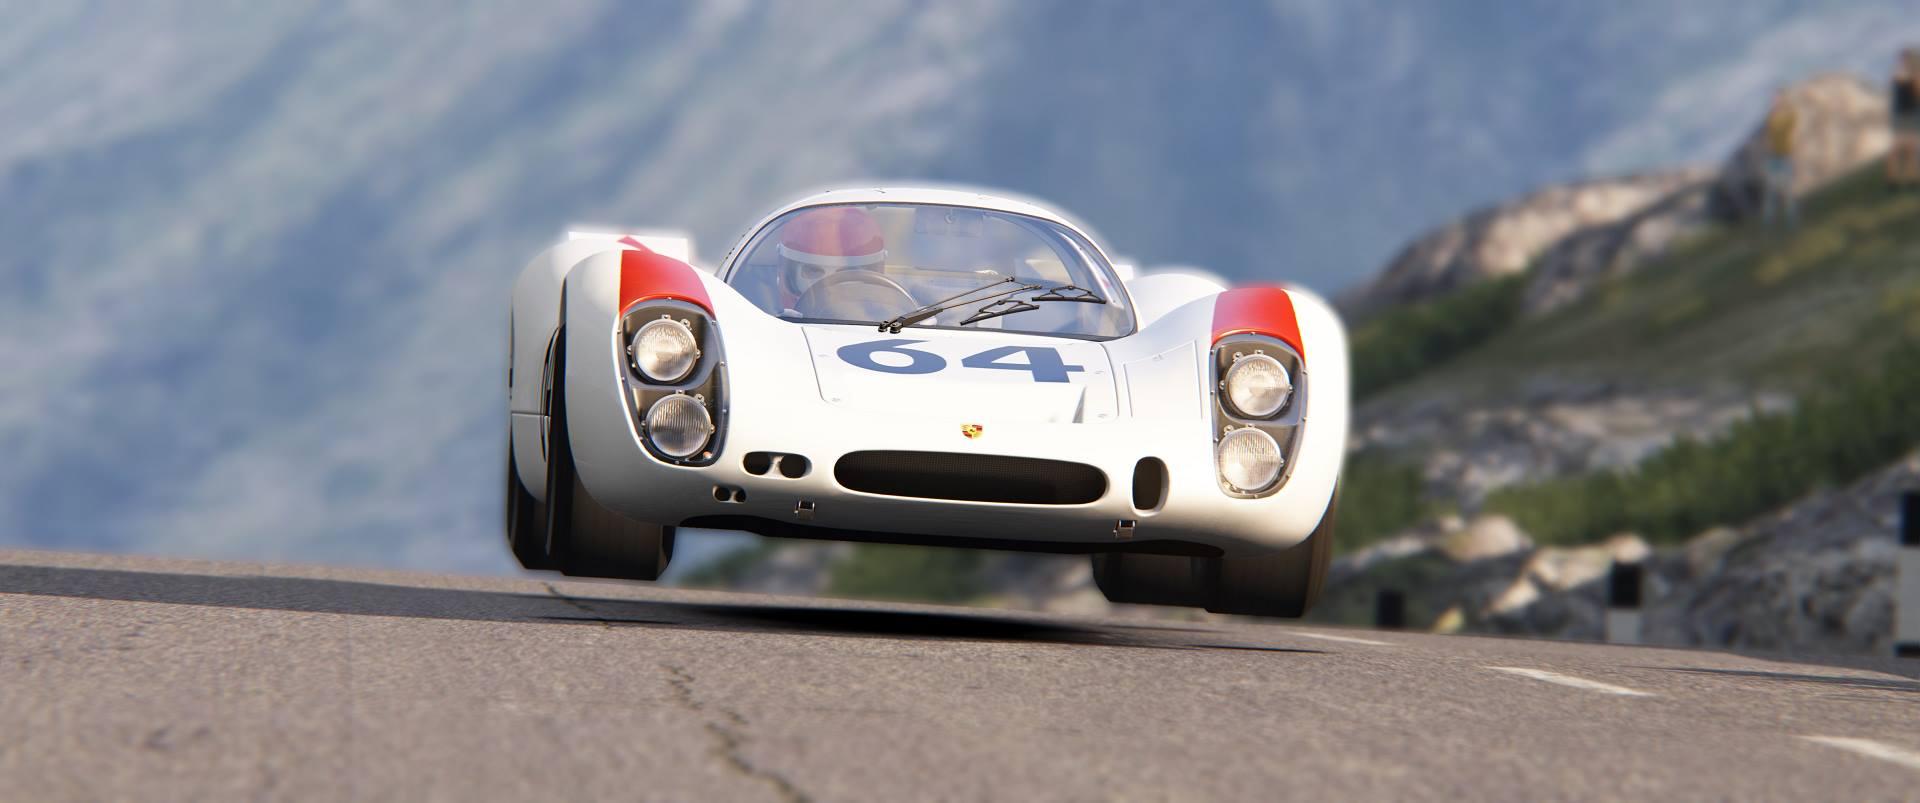 Assetto Corsa Porsche DLC Vol 3